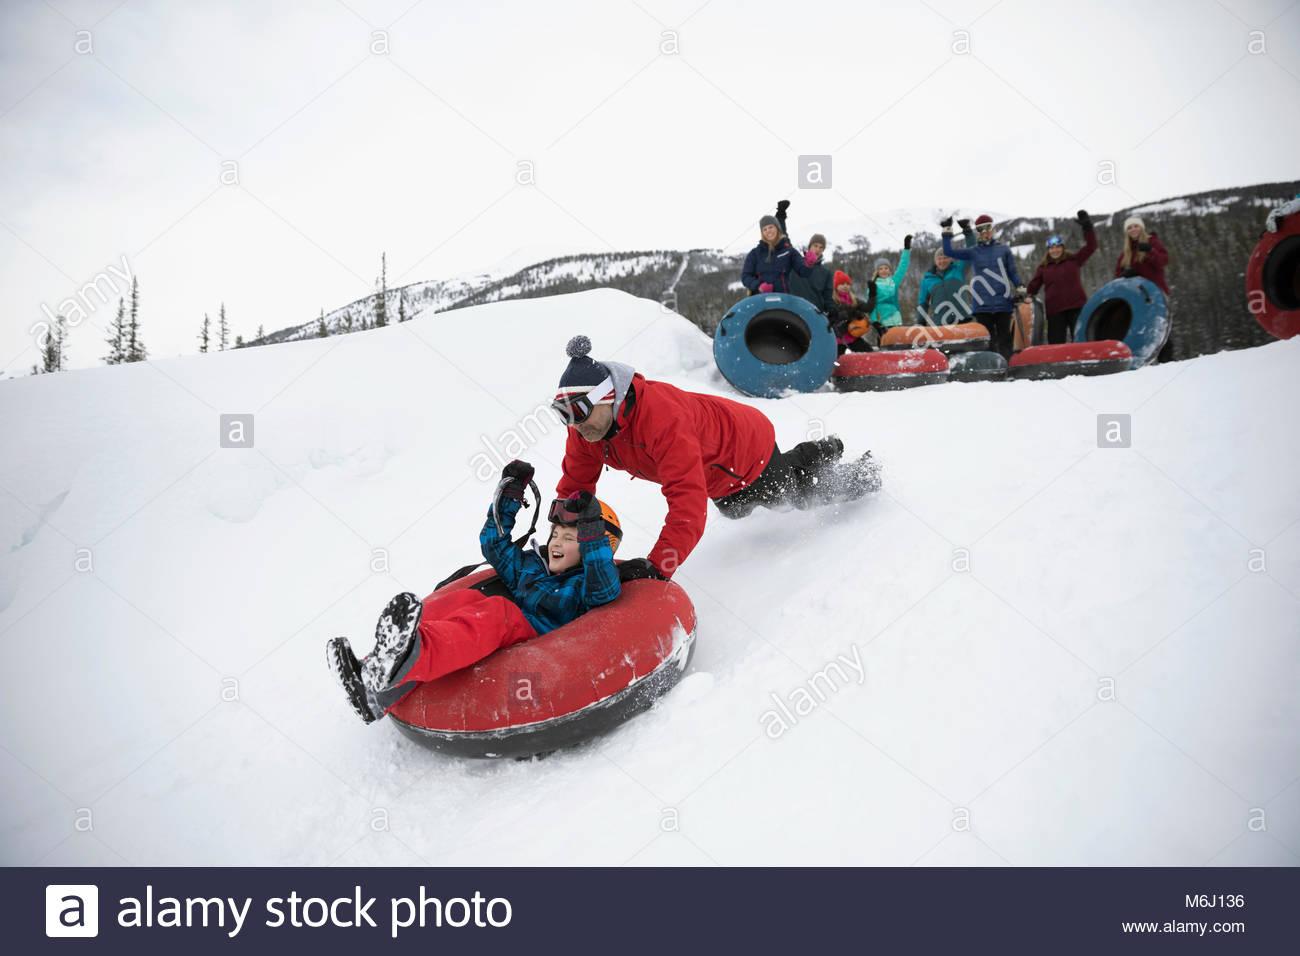 Familia hijo de padre vítores empujando el tubo interior en la nieve en el metro park Imagen De Stock